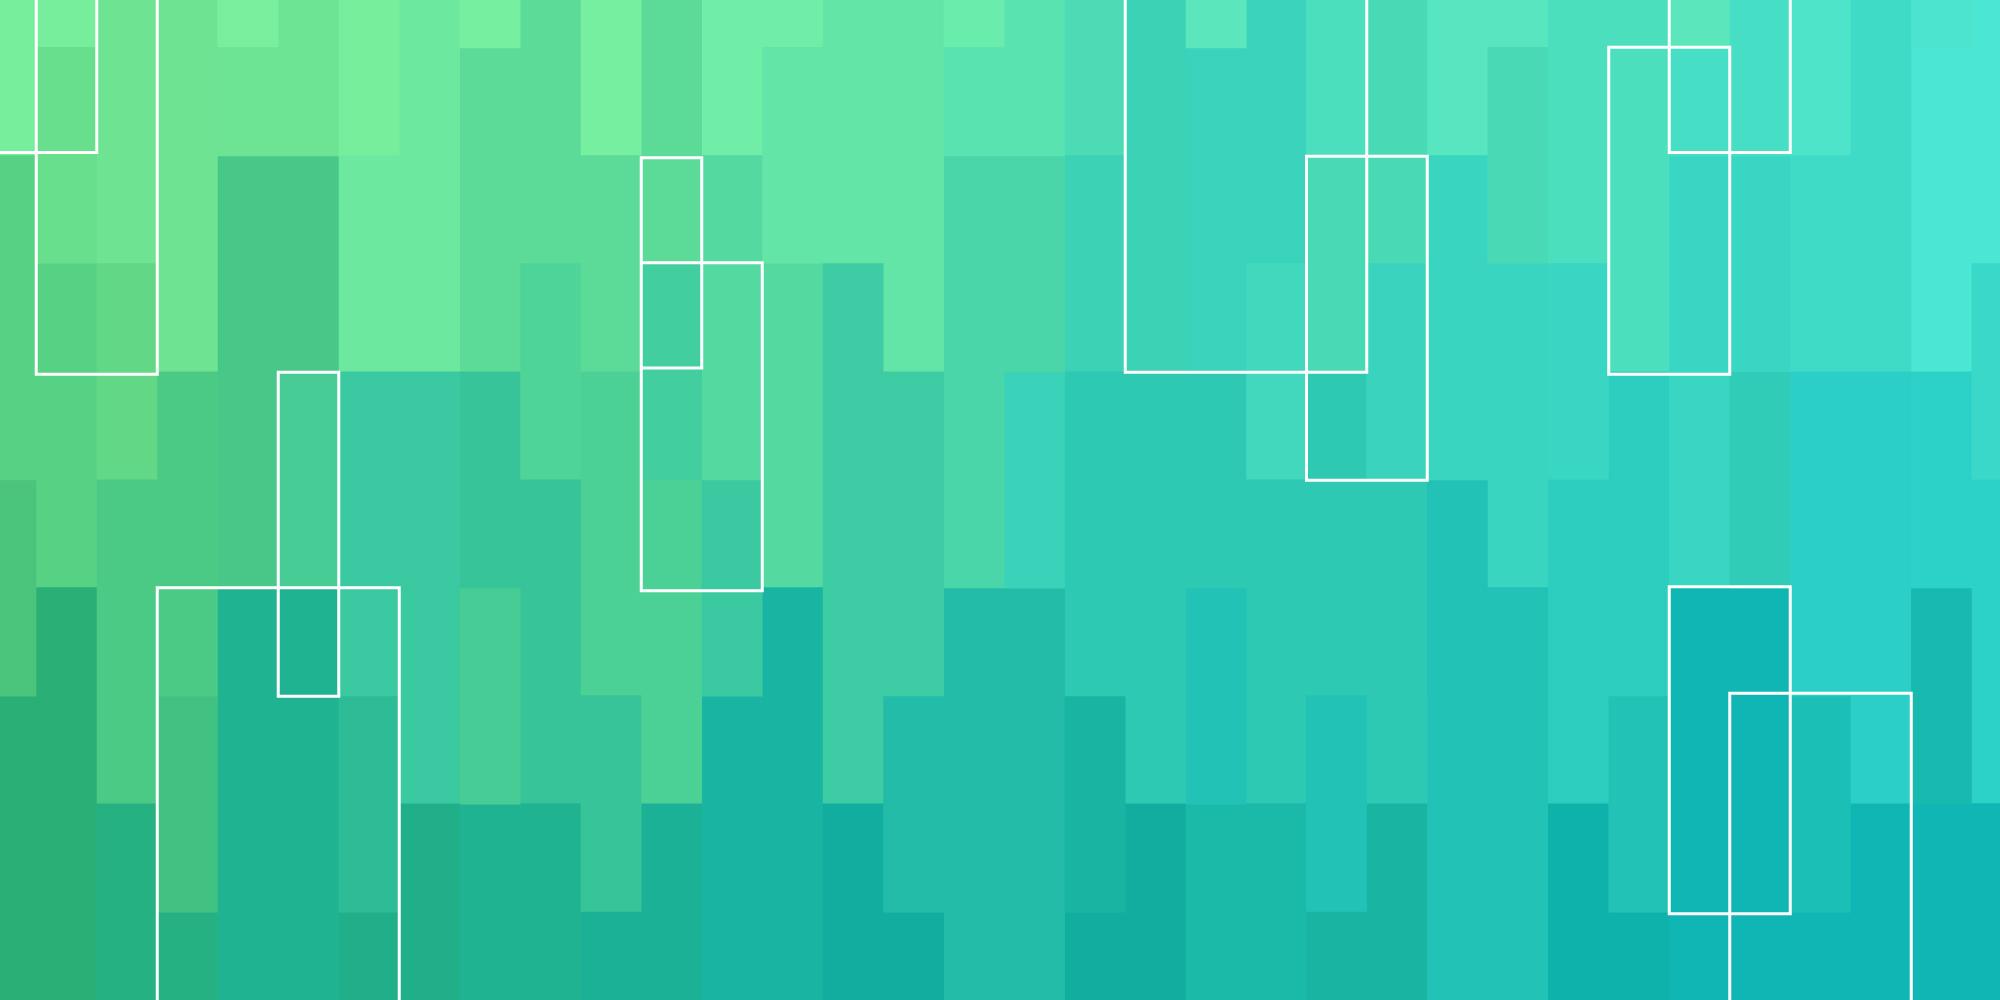 hero-pattern-9.jpg